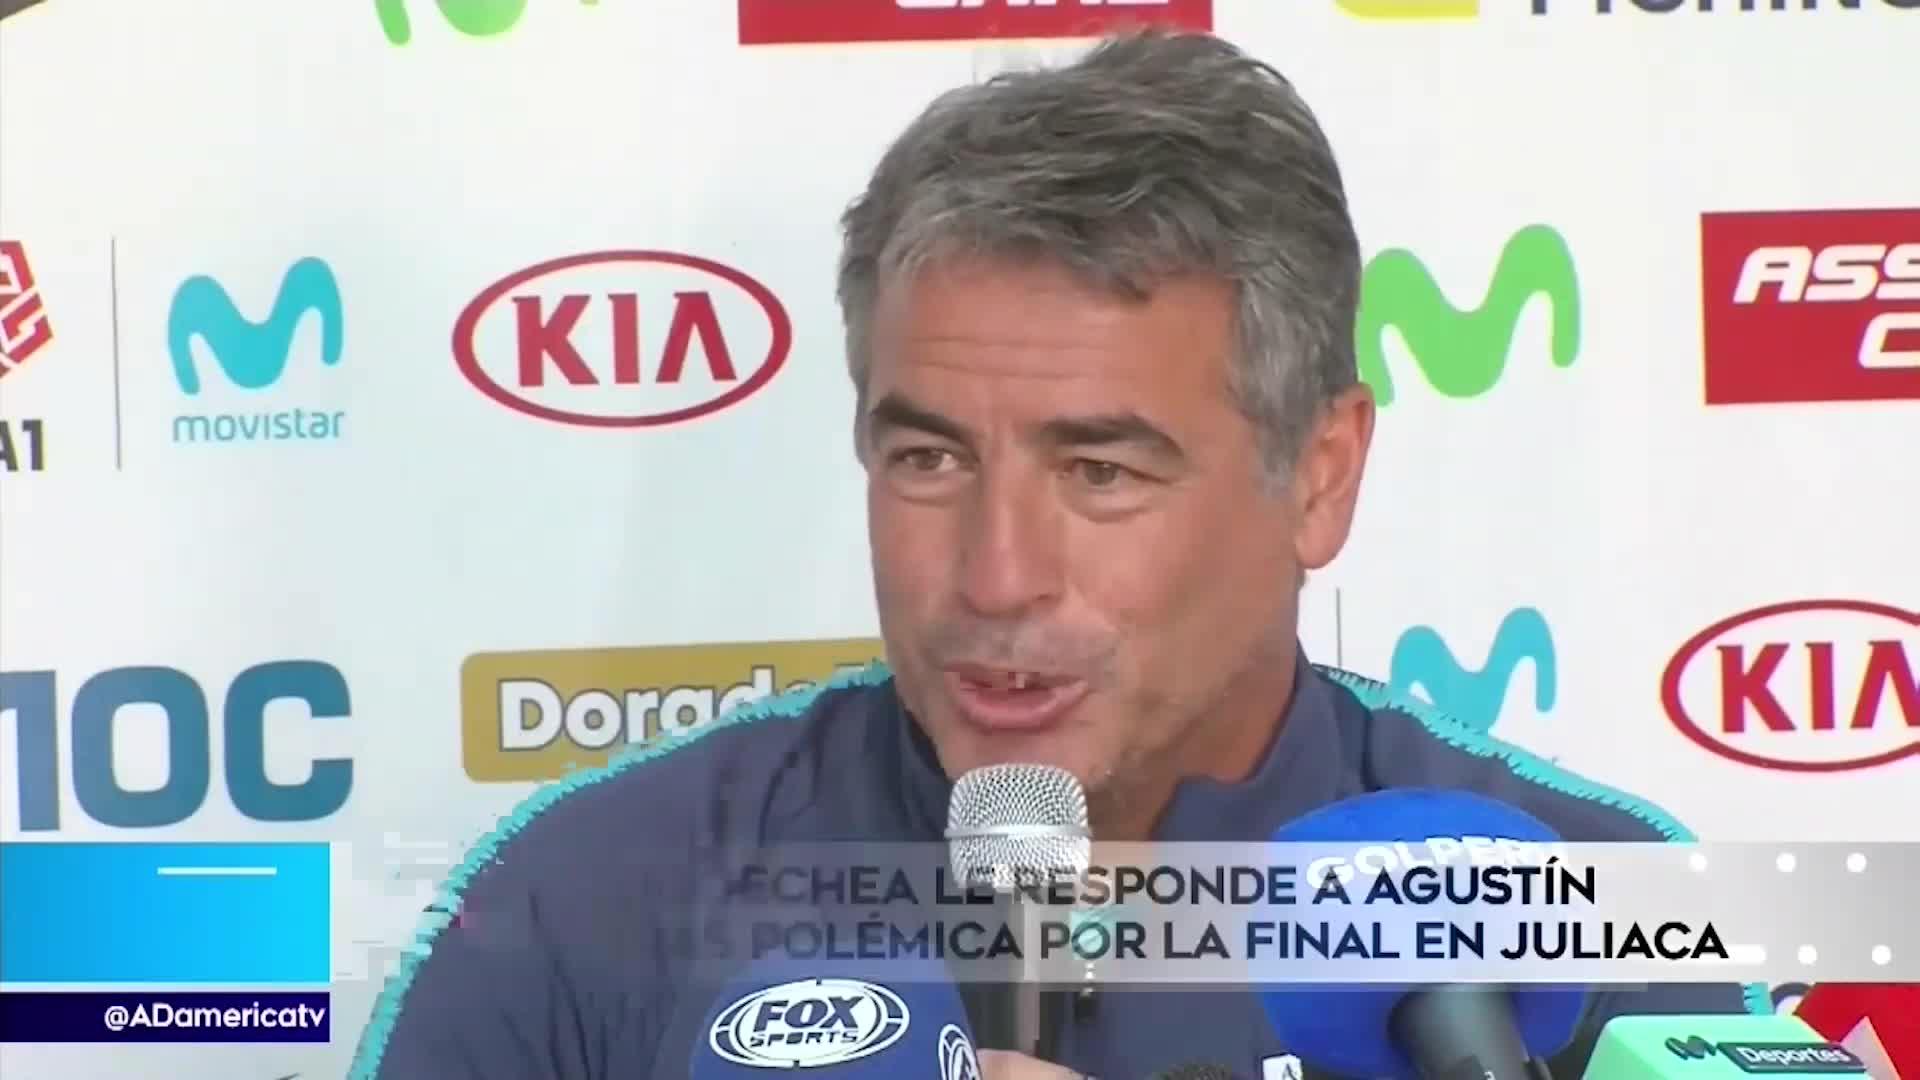 """Bengoechea le responde a Agustín Lozano: """"Puedo ser un mal técnico, pero cumplo la ley"""""""